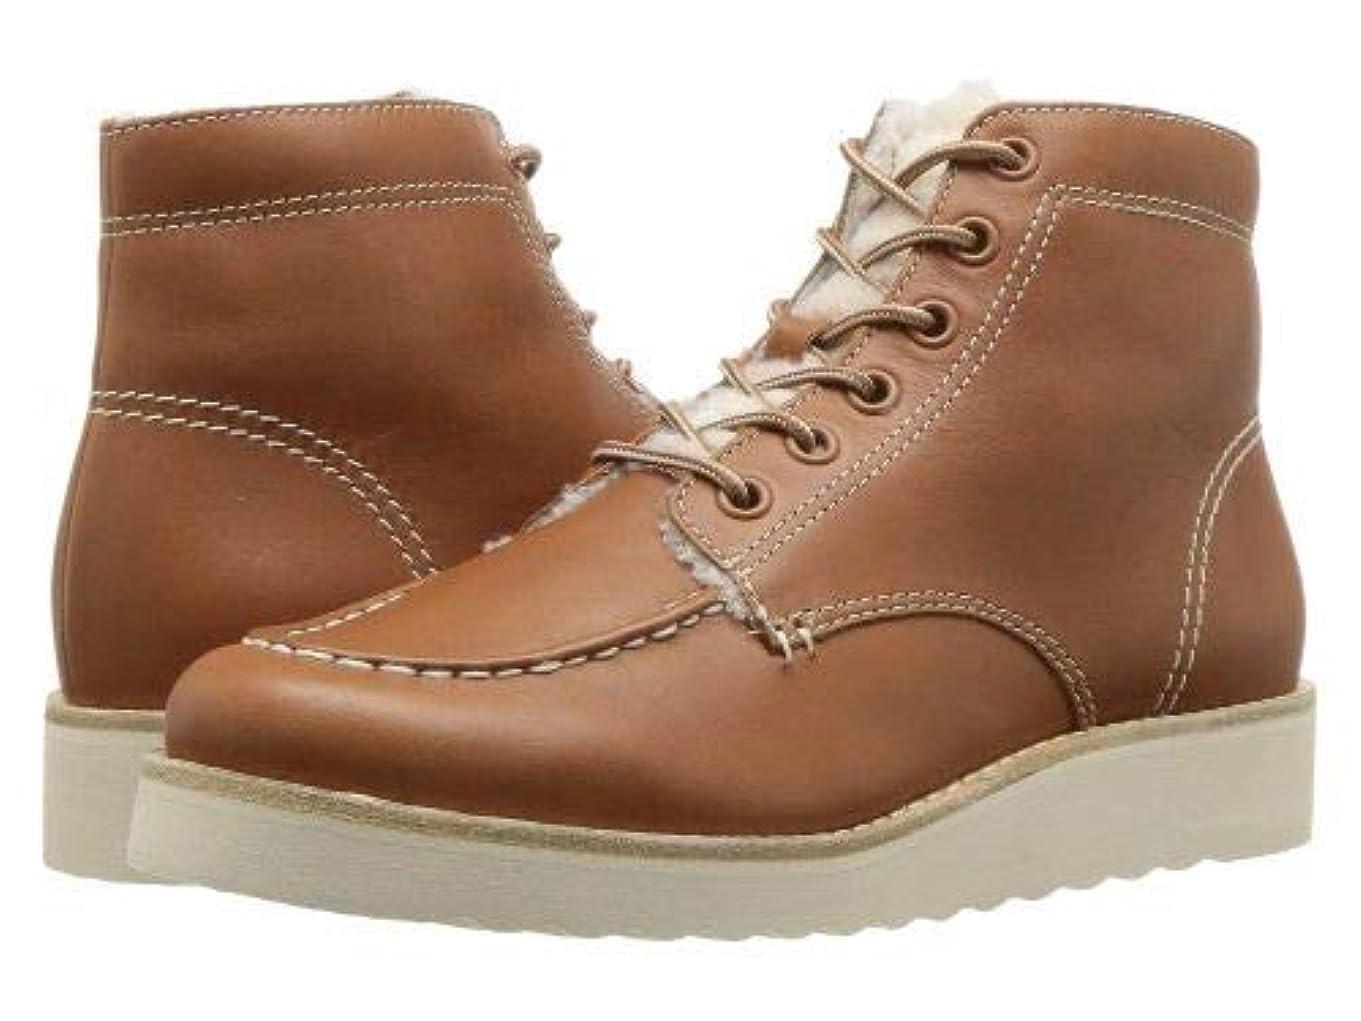 郵便屋さん追う騒ぎVince(ヴィンス) レディース 女性用 シューズ 靴 ブーツ レースアップブーツ Finley-2 - Nut/Dove San Remo Leather [並行輸入品]